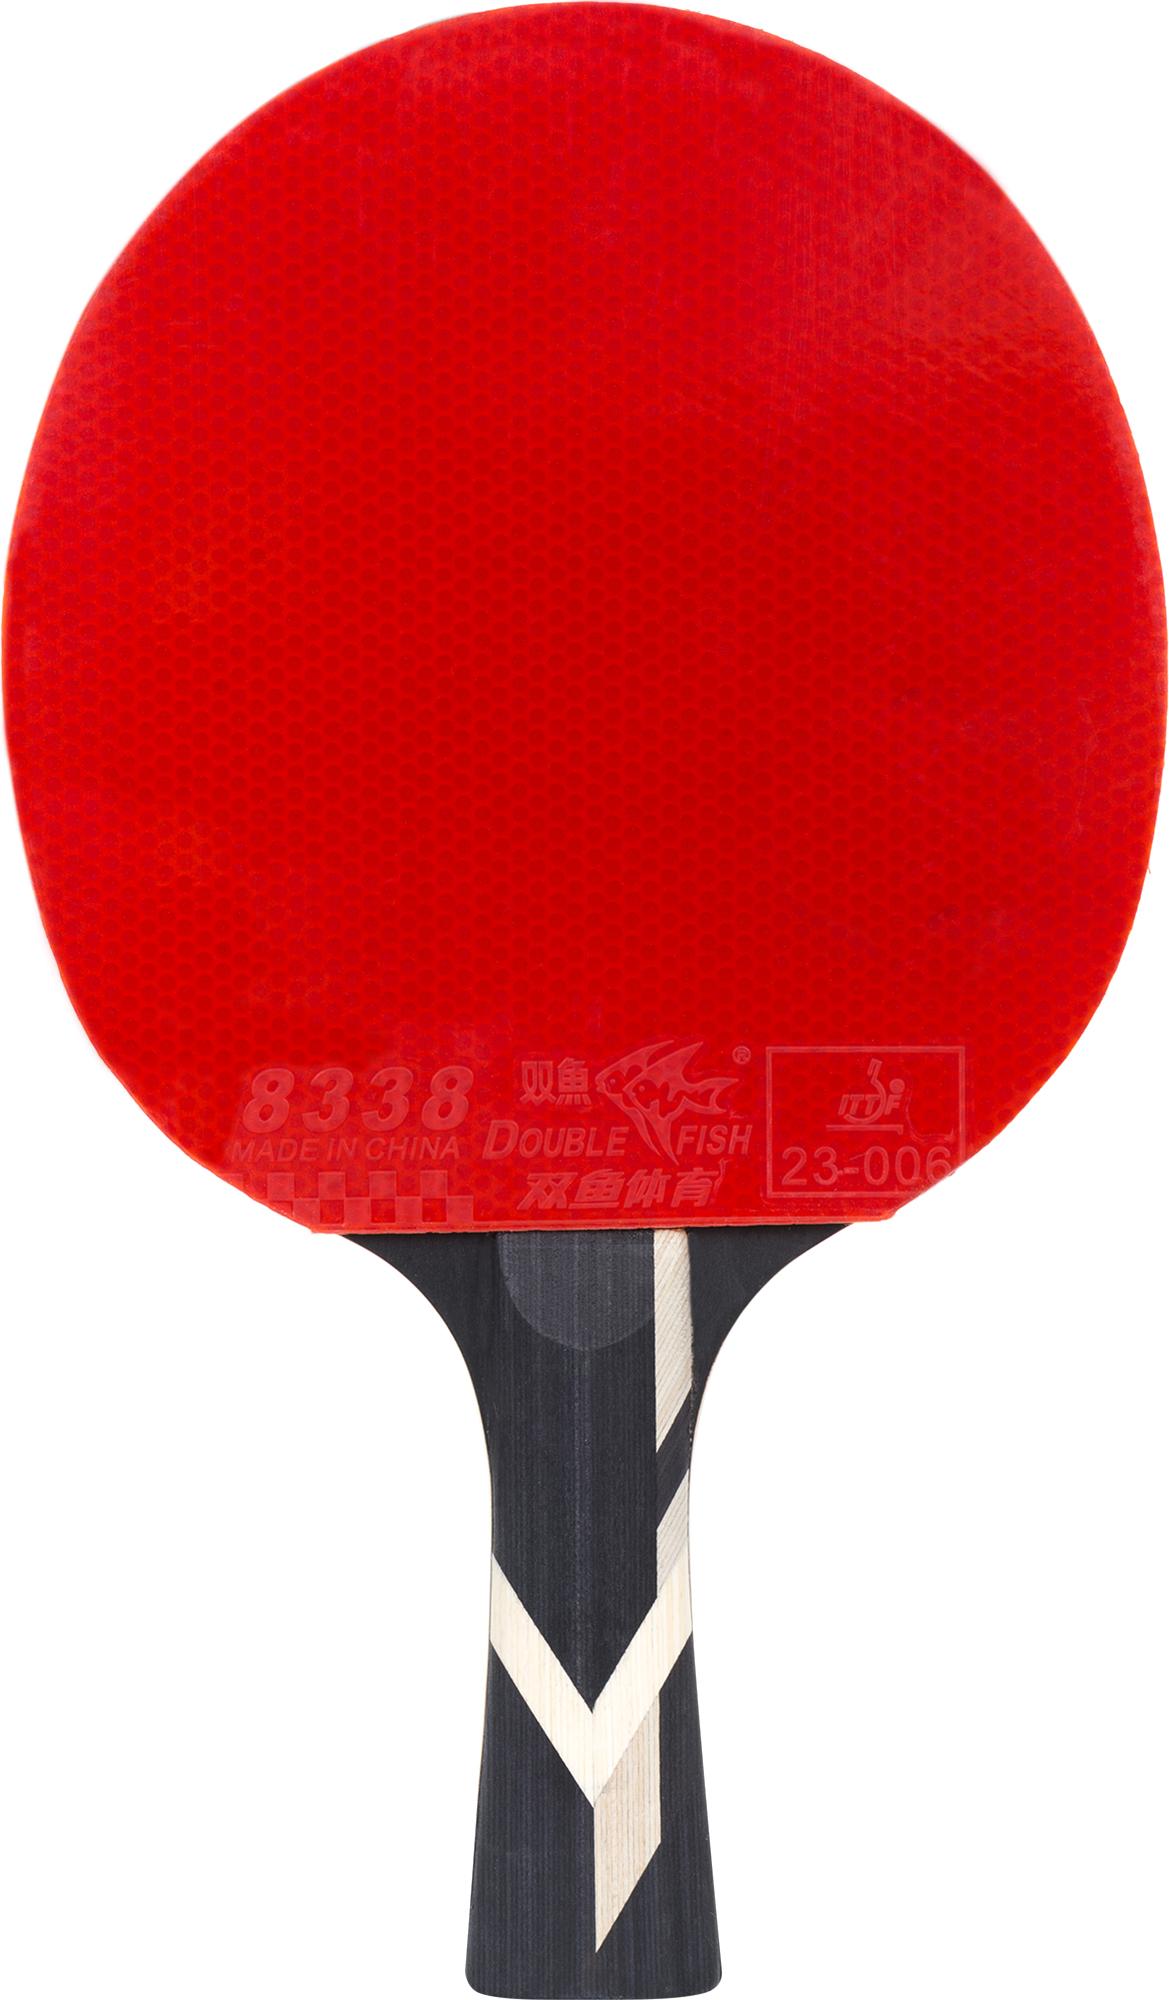 Torneo Ракетка для настольного тенниса Torneo Champion torneo ракетка для большого тенниса детская torneo 25 размер без размера